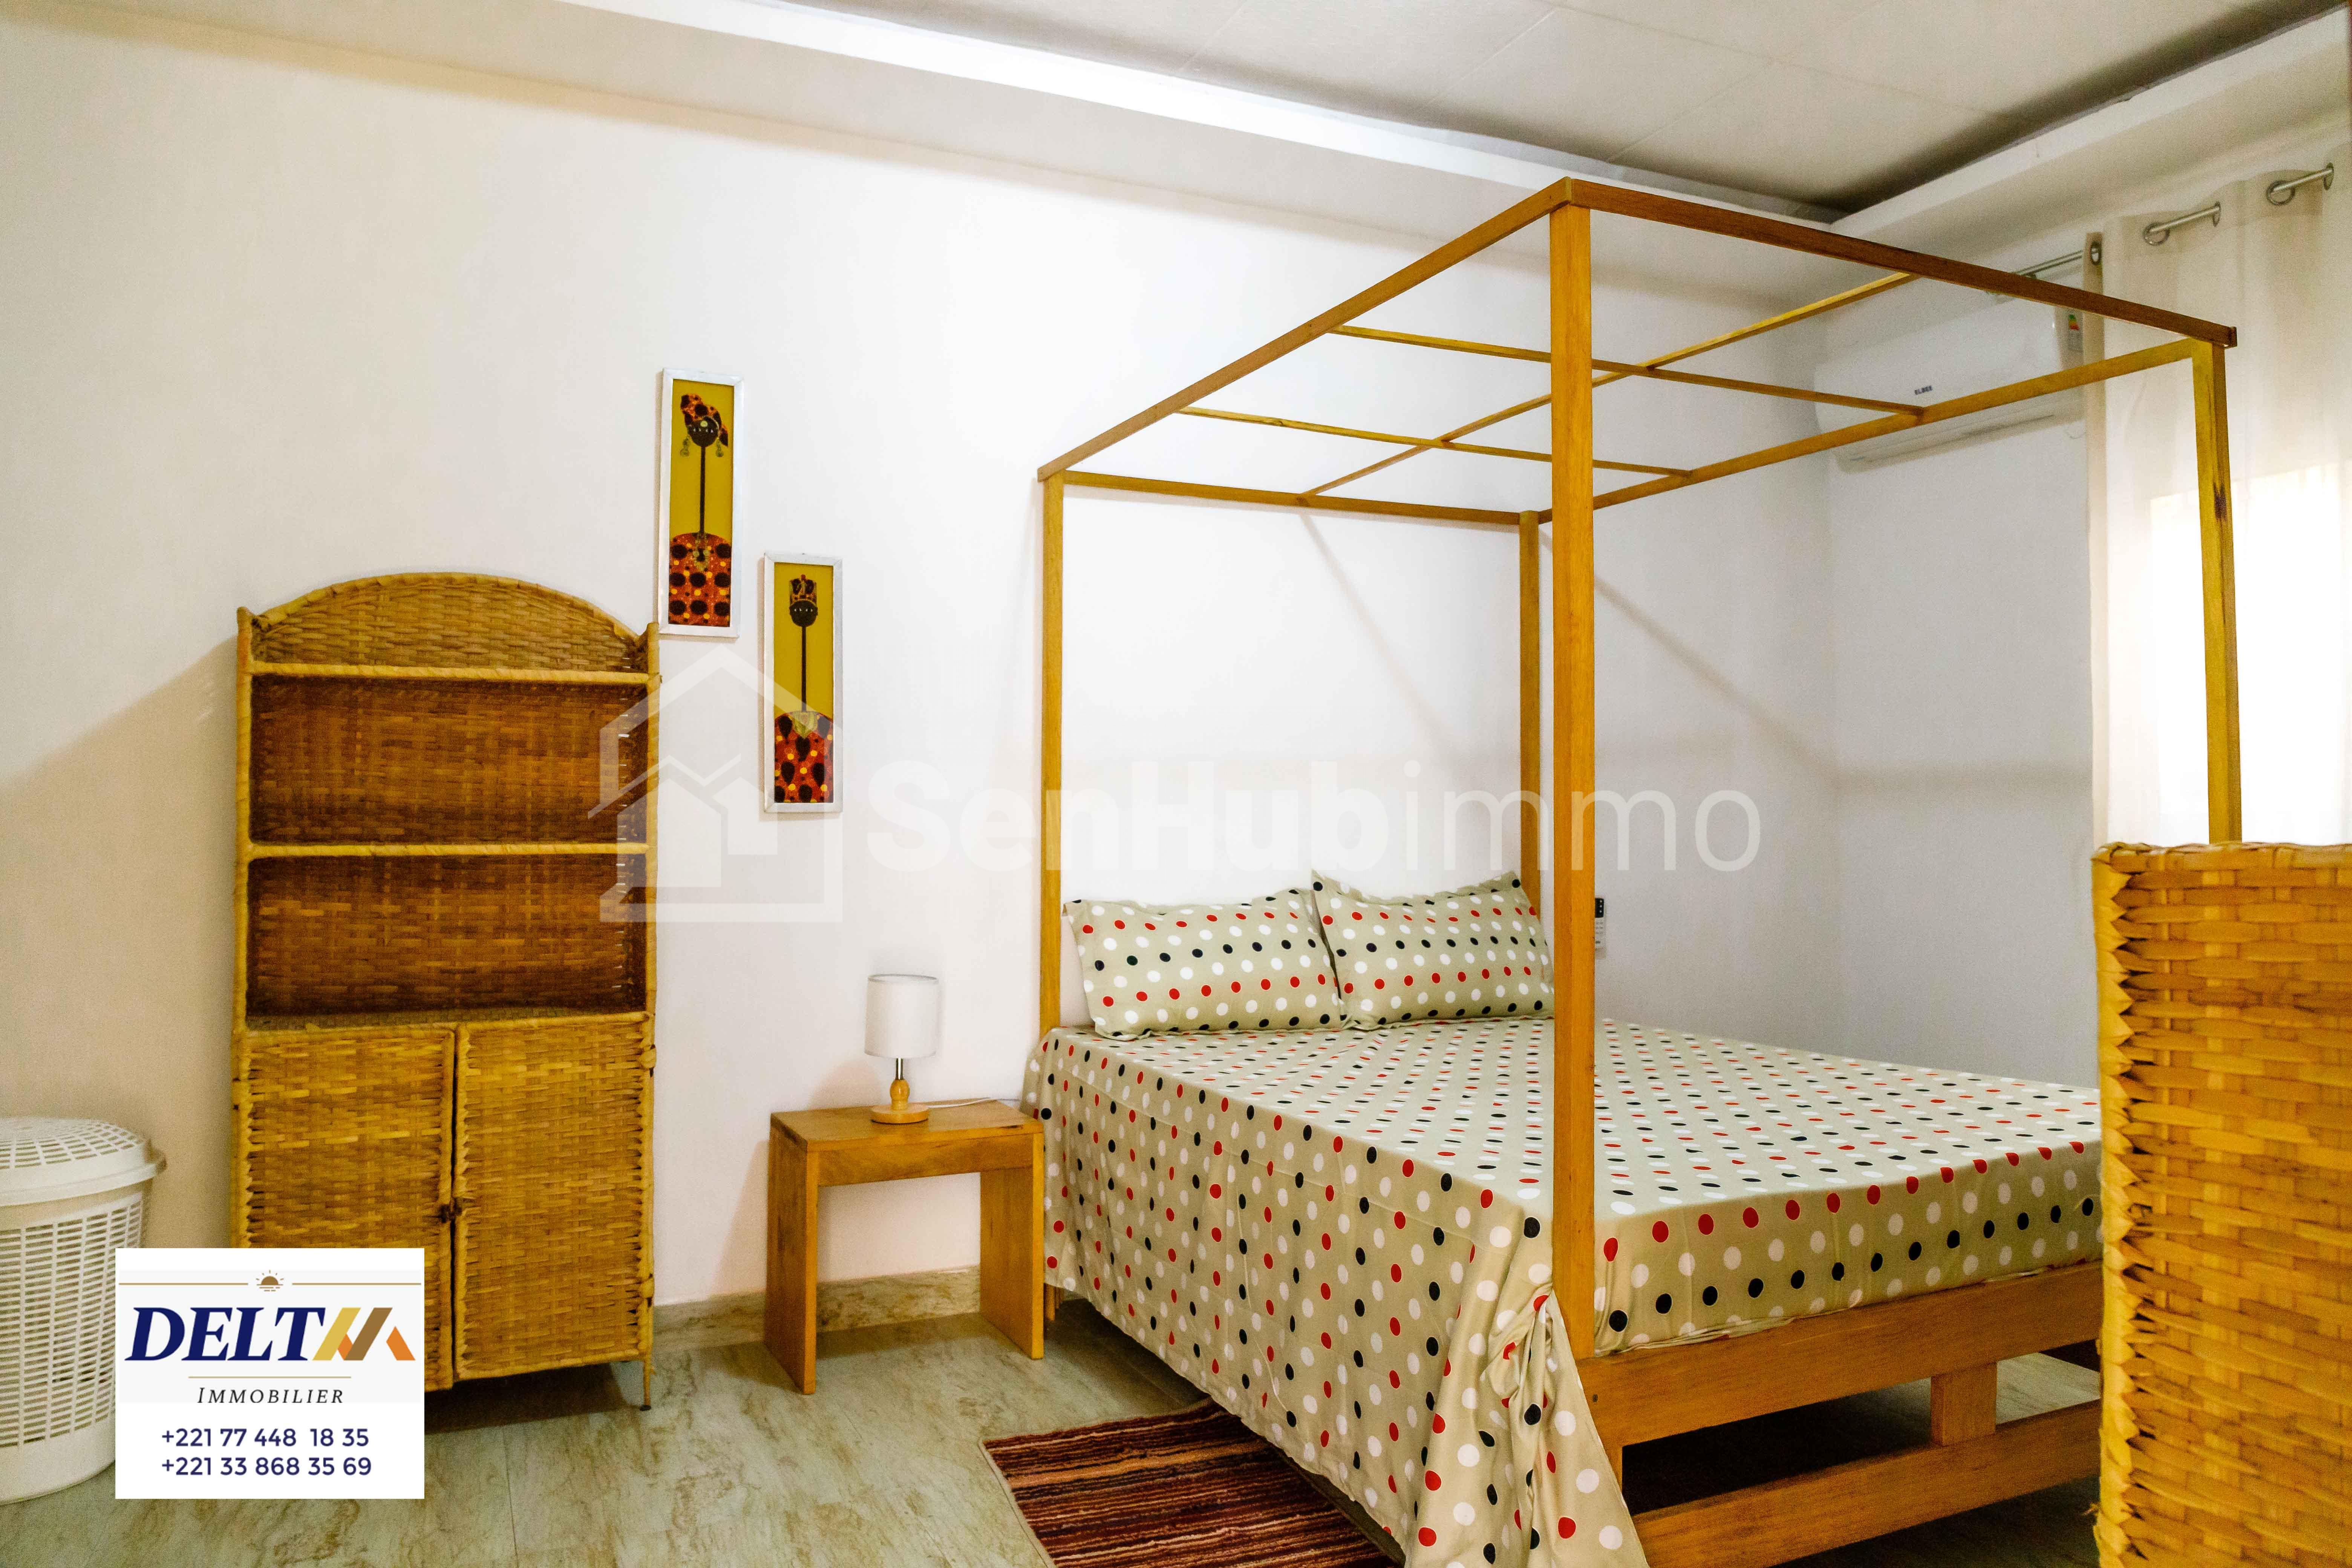 Appartement  meublé 2 CHAMBRES SALON à Sacre Coeur 1 - SenhubImmo.com